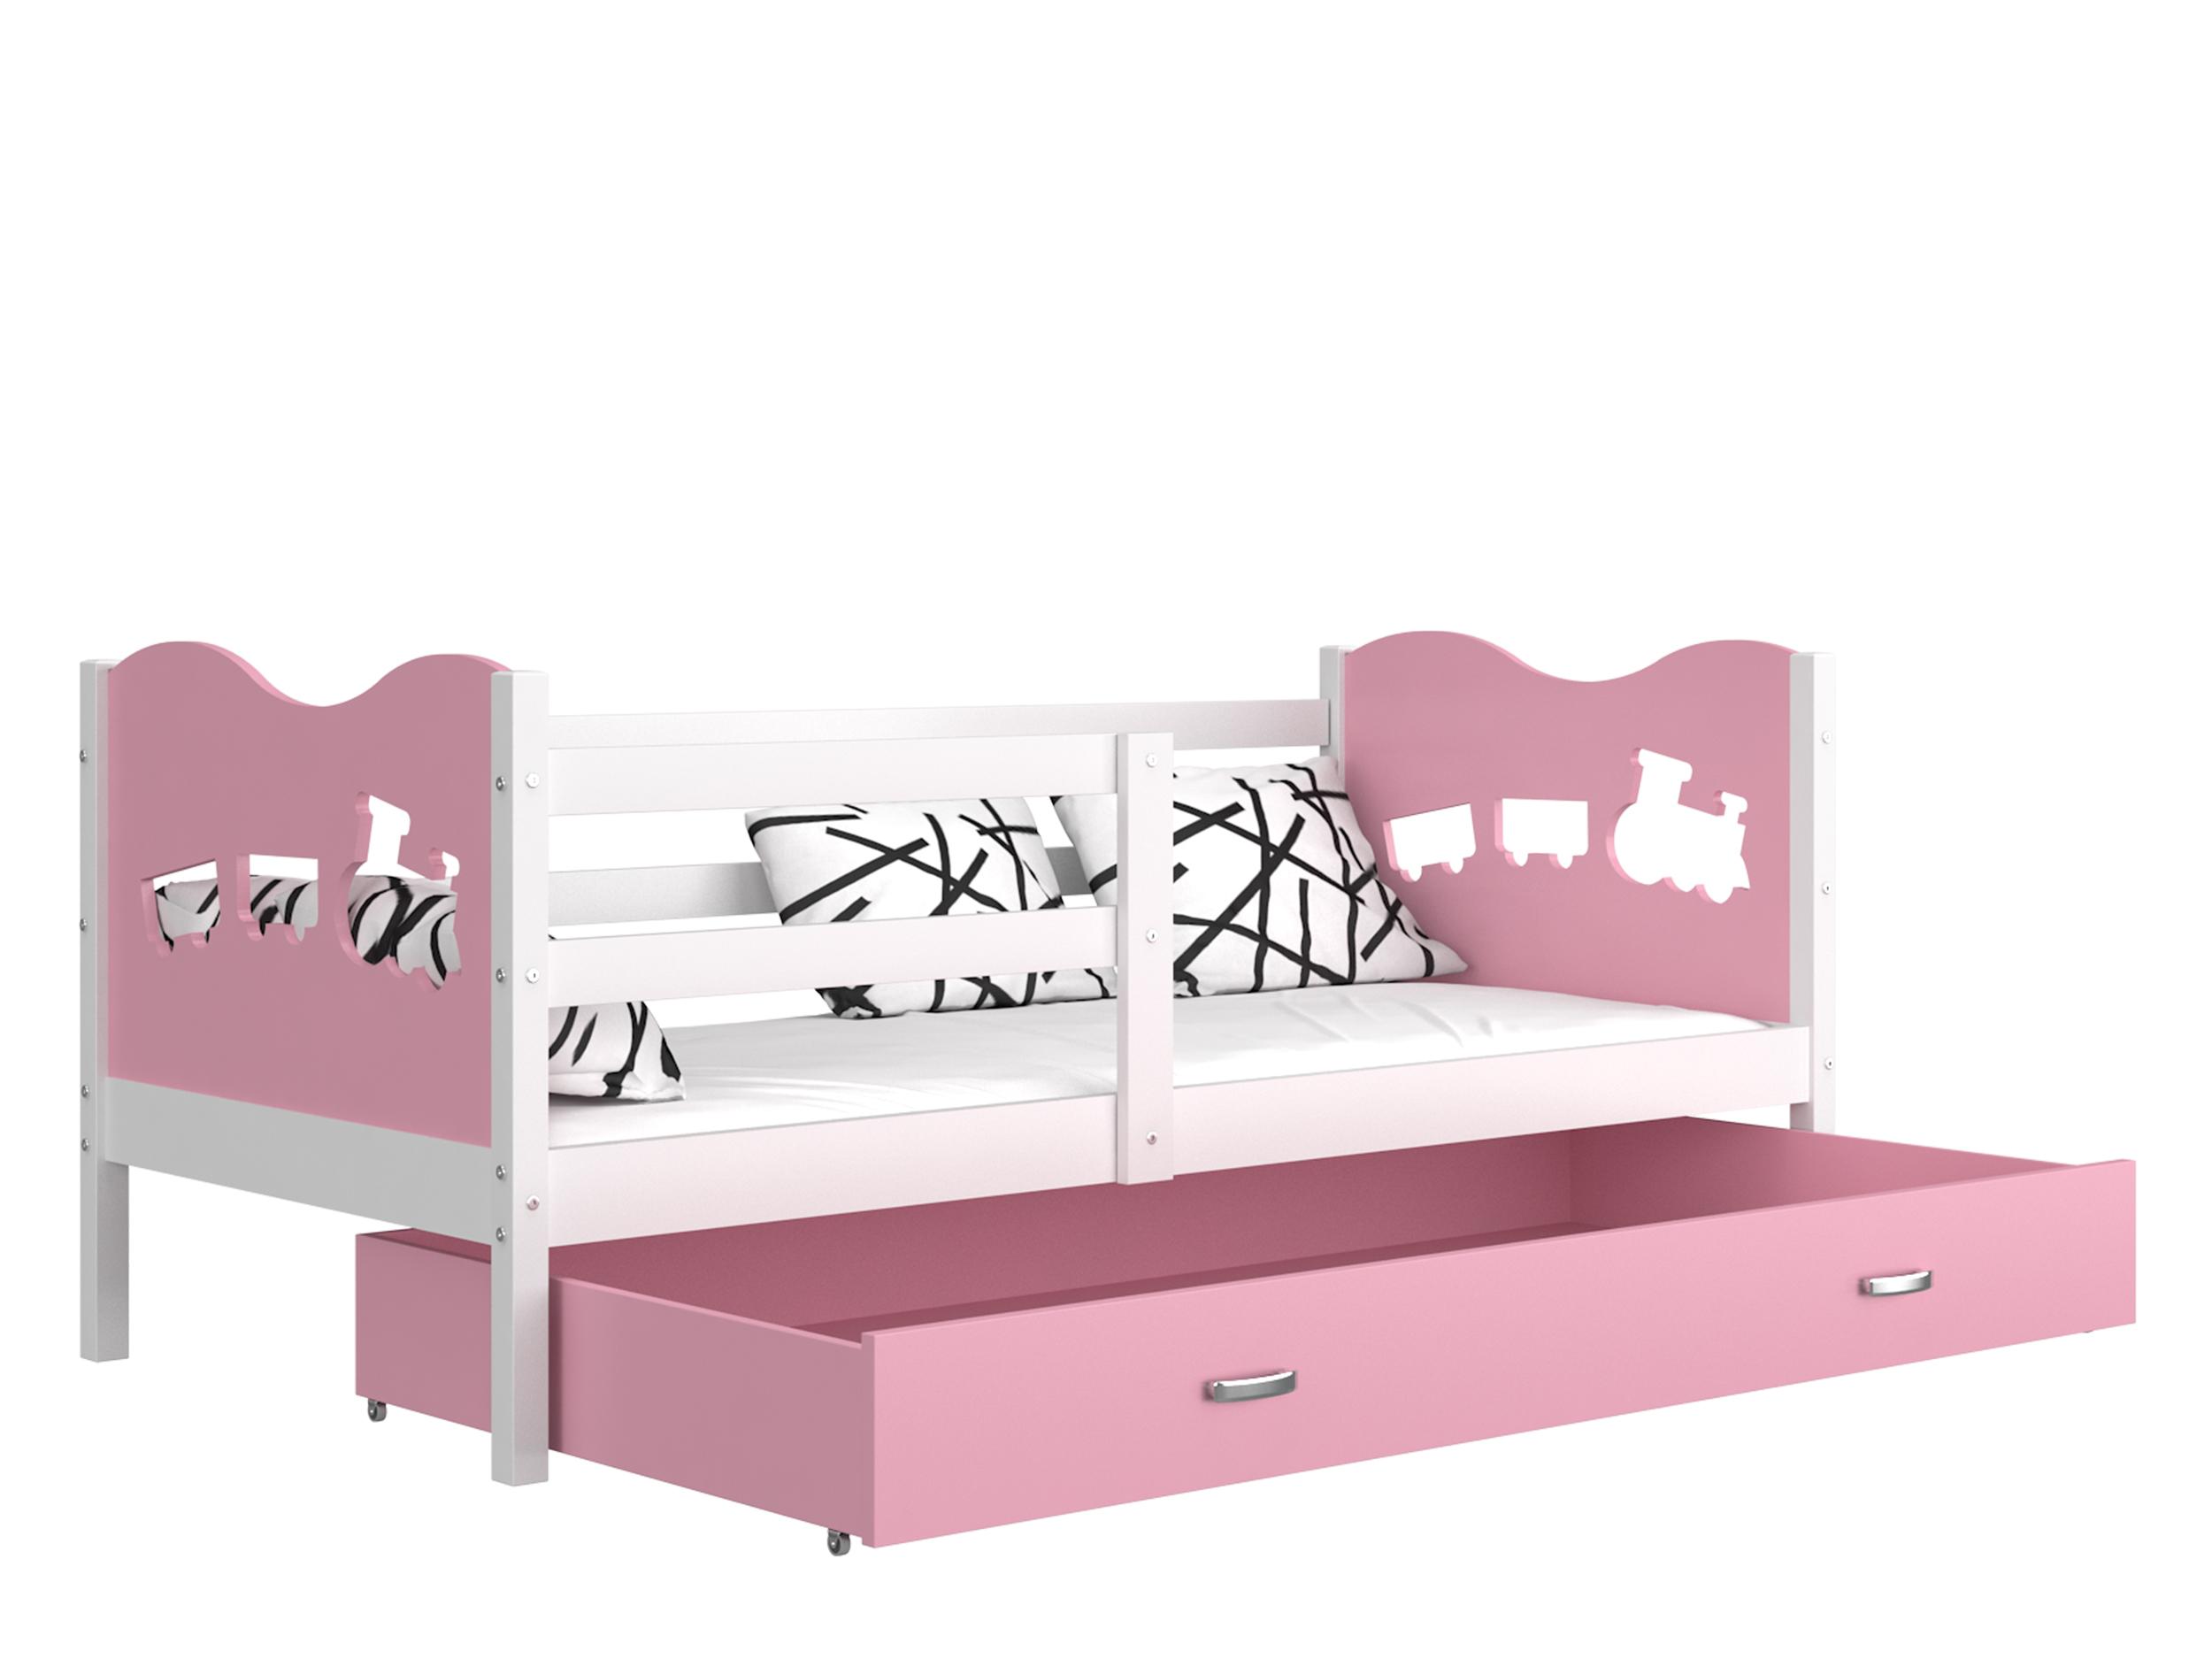 ArtAJ Detská posteľ MAX P / MDF 160 x 80 cm Farba: biela / ružová 160 x 80 cm, s matracom